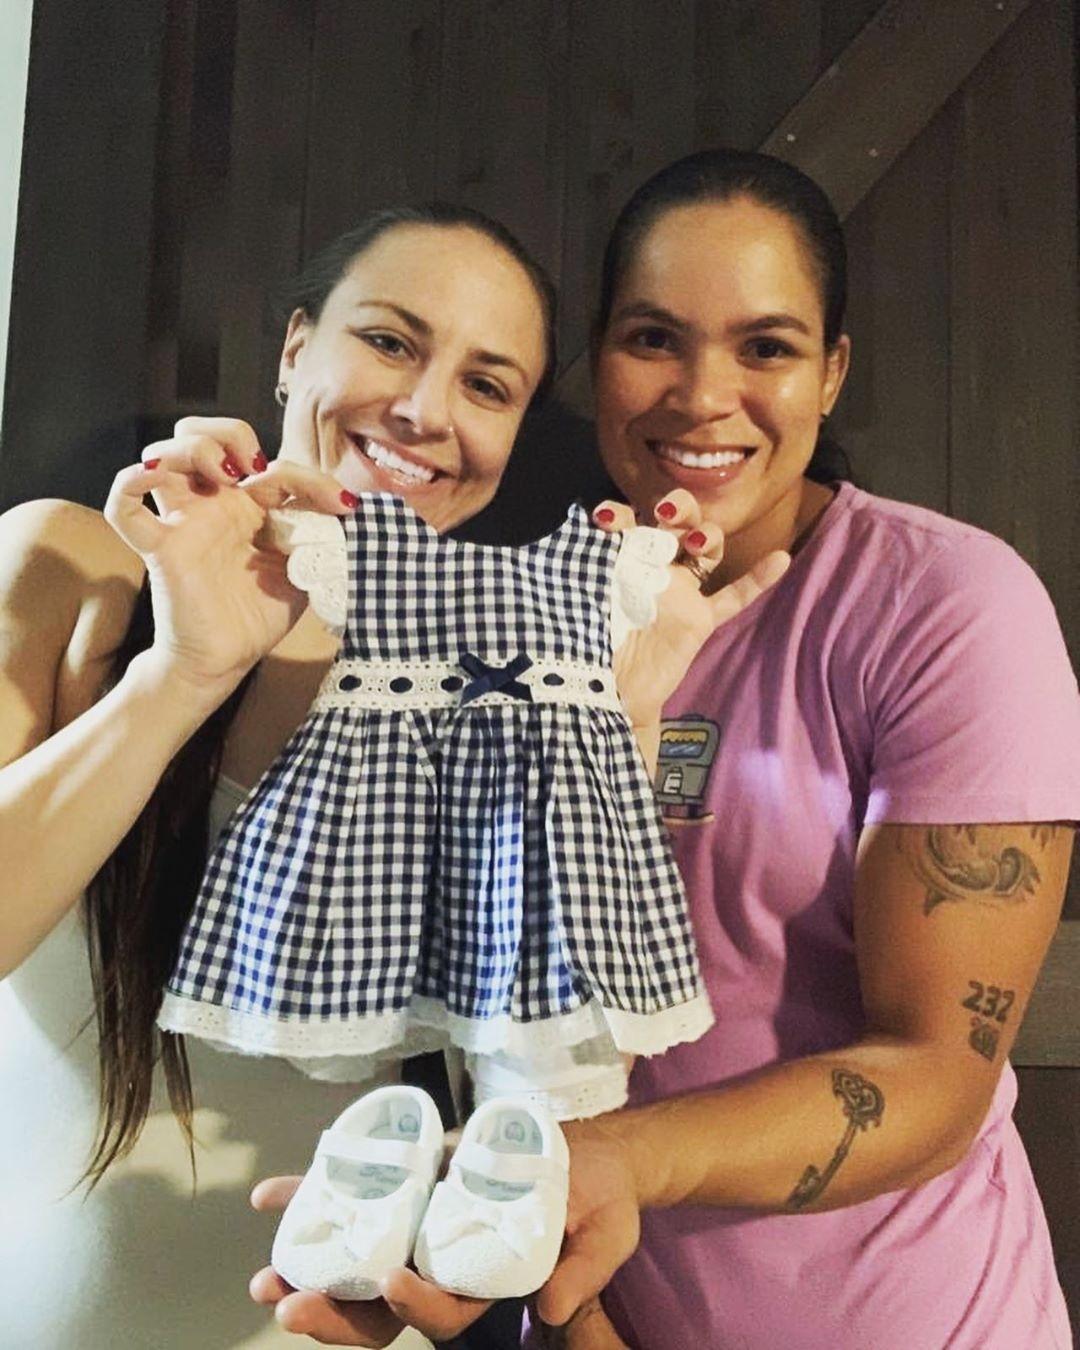 Conheça a fertilização in vitro, método de reprodução utilizado pela Campeã do UFC, Amanda Nunes, para ser mãe pela primeira vez.